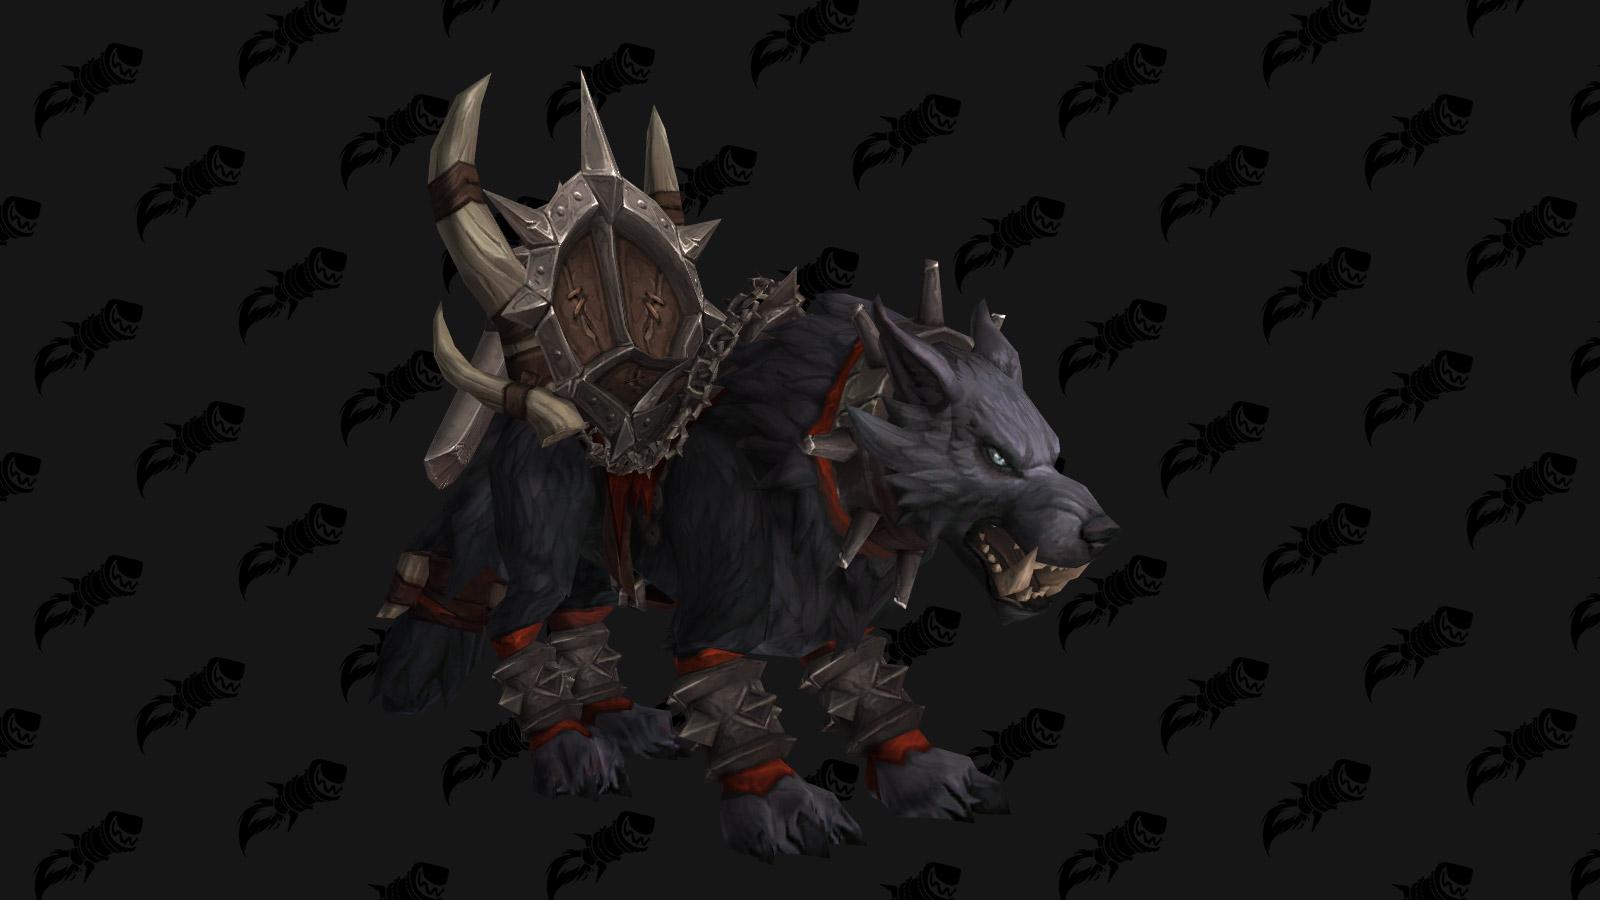 La monture Loup redoutable mag'har est délivrée en débloquant la race alliée Orc Mag'har